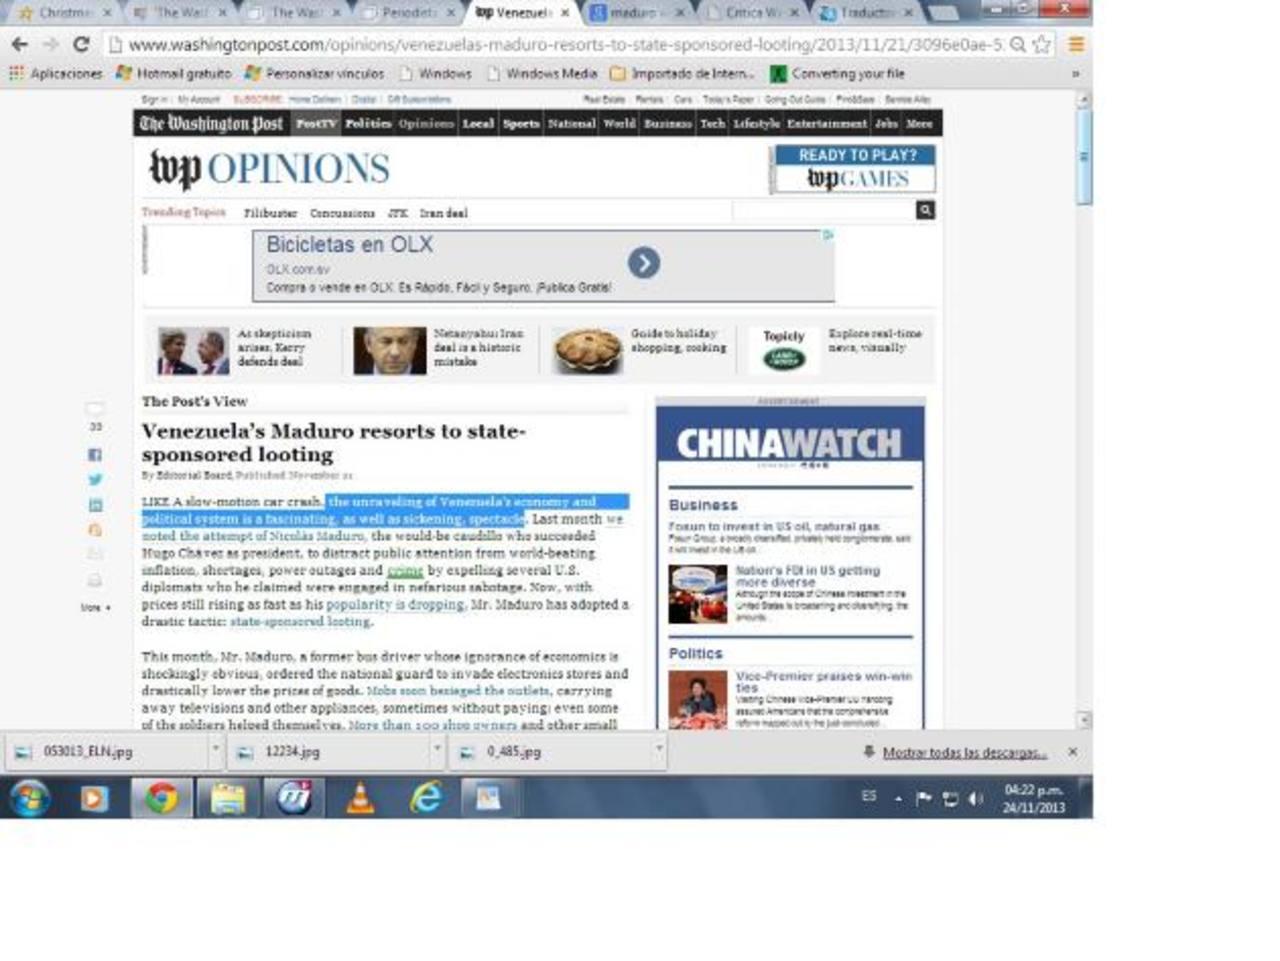 Imagen del artículo en el The Washington Post critica las medidas de Maduro. foto edh / internet